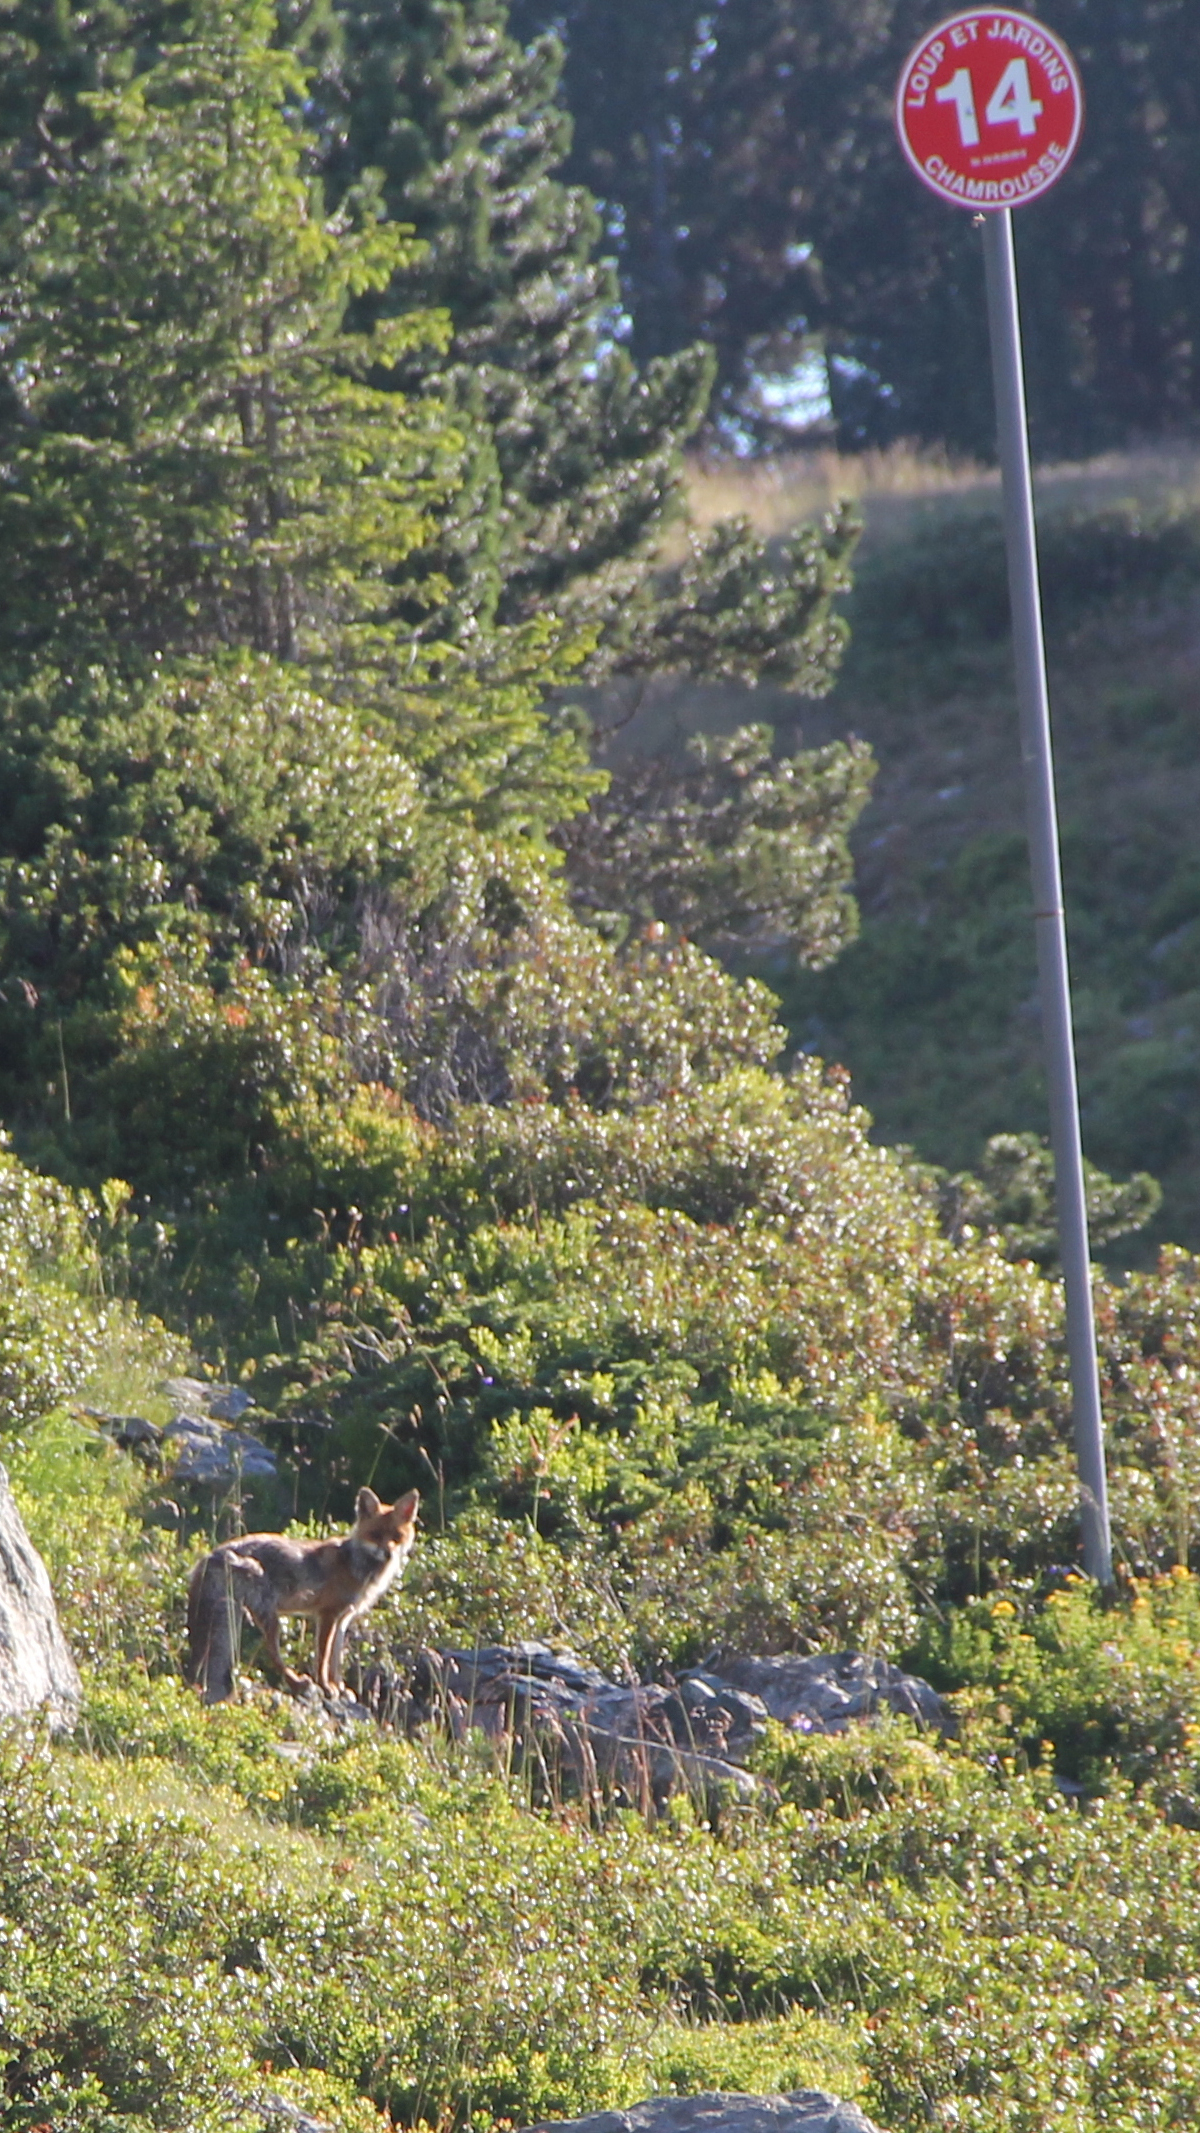 Chamrousse mountain animal fox summer resort grenoble isere french alps france - © SD - Office de Tourisme de Chamrousse